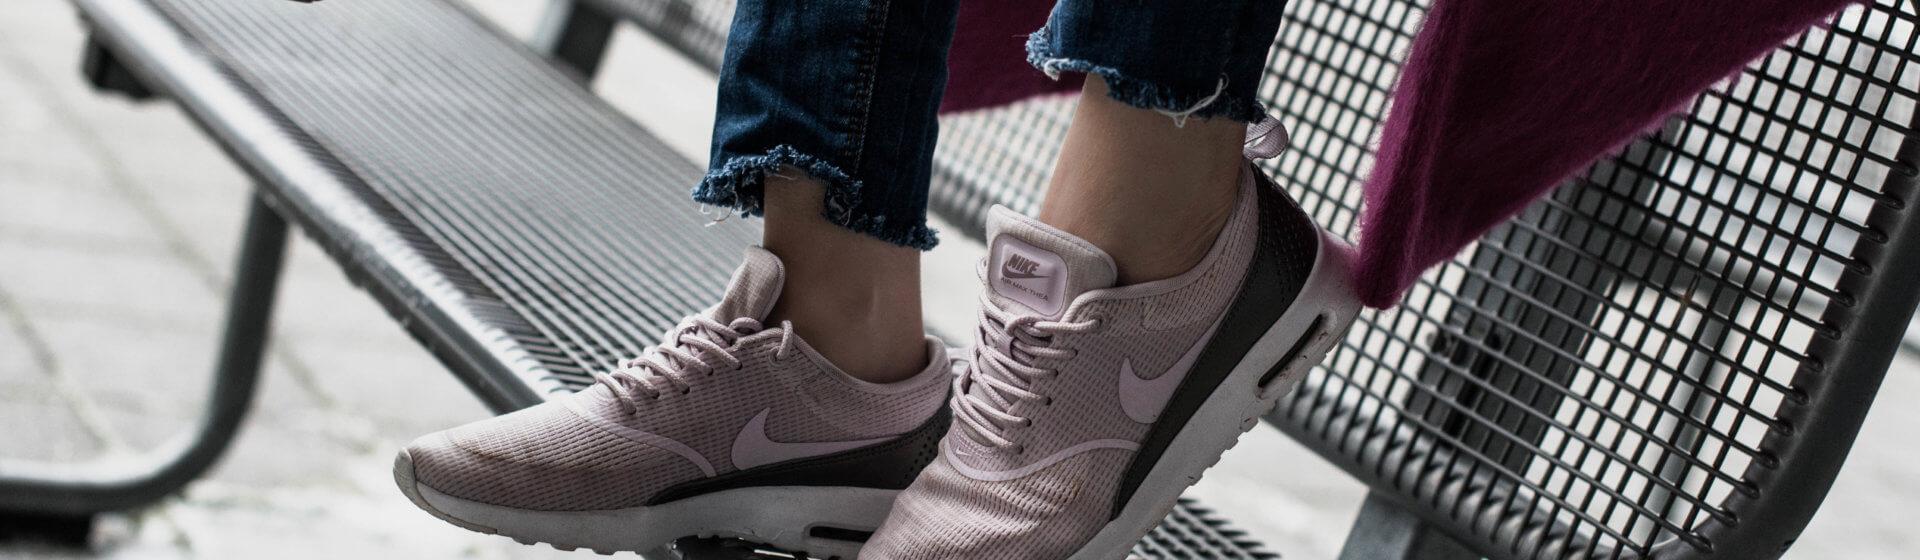 Pastel - der Sneaker-Trend 2018 Shoelove Deichmann